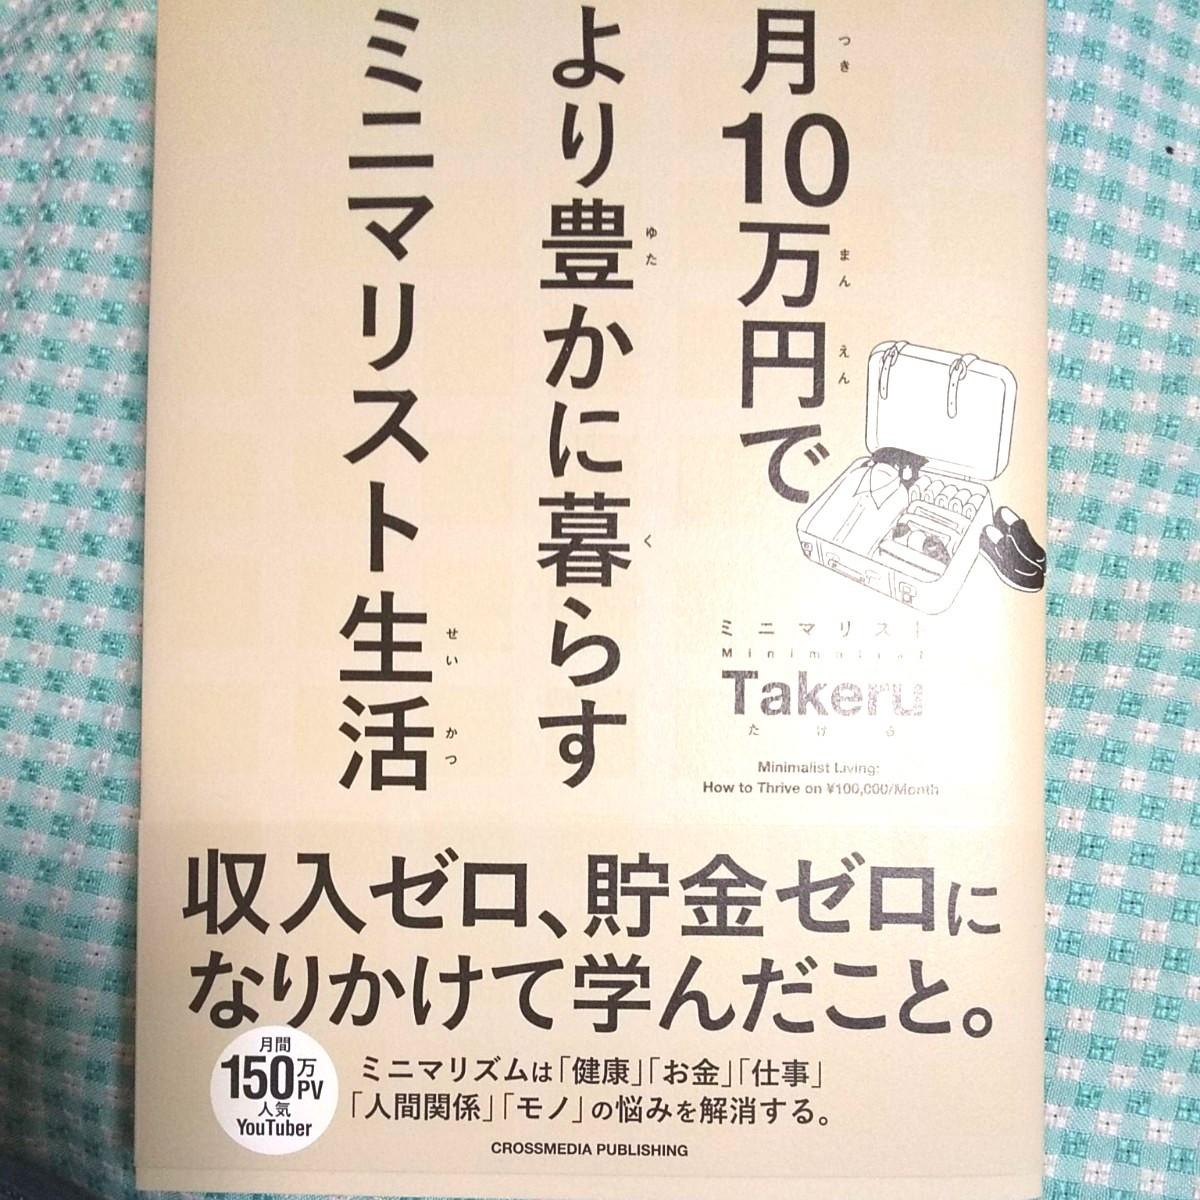 タケル ミニマ リスト